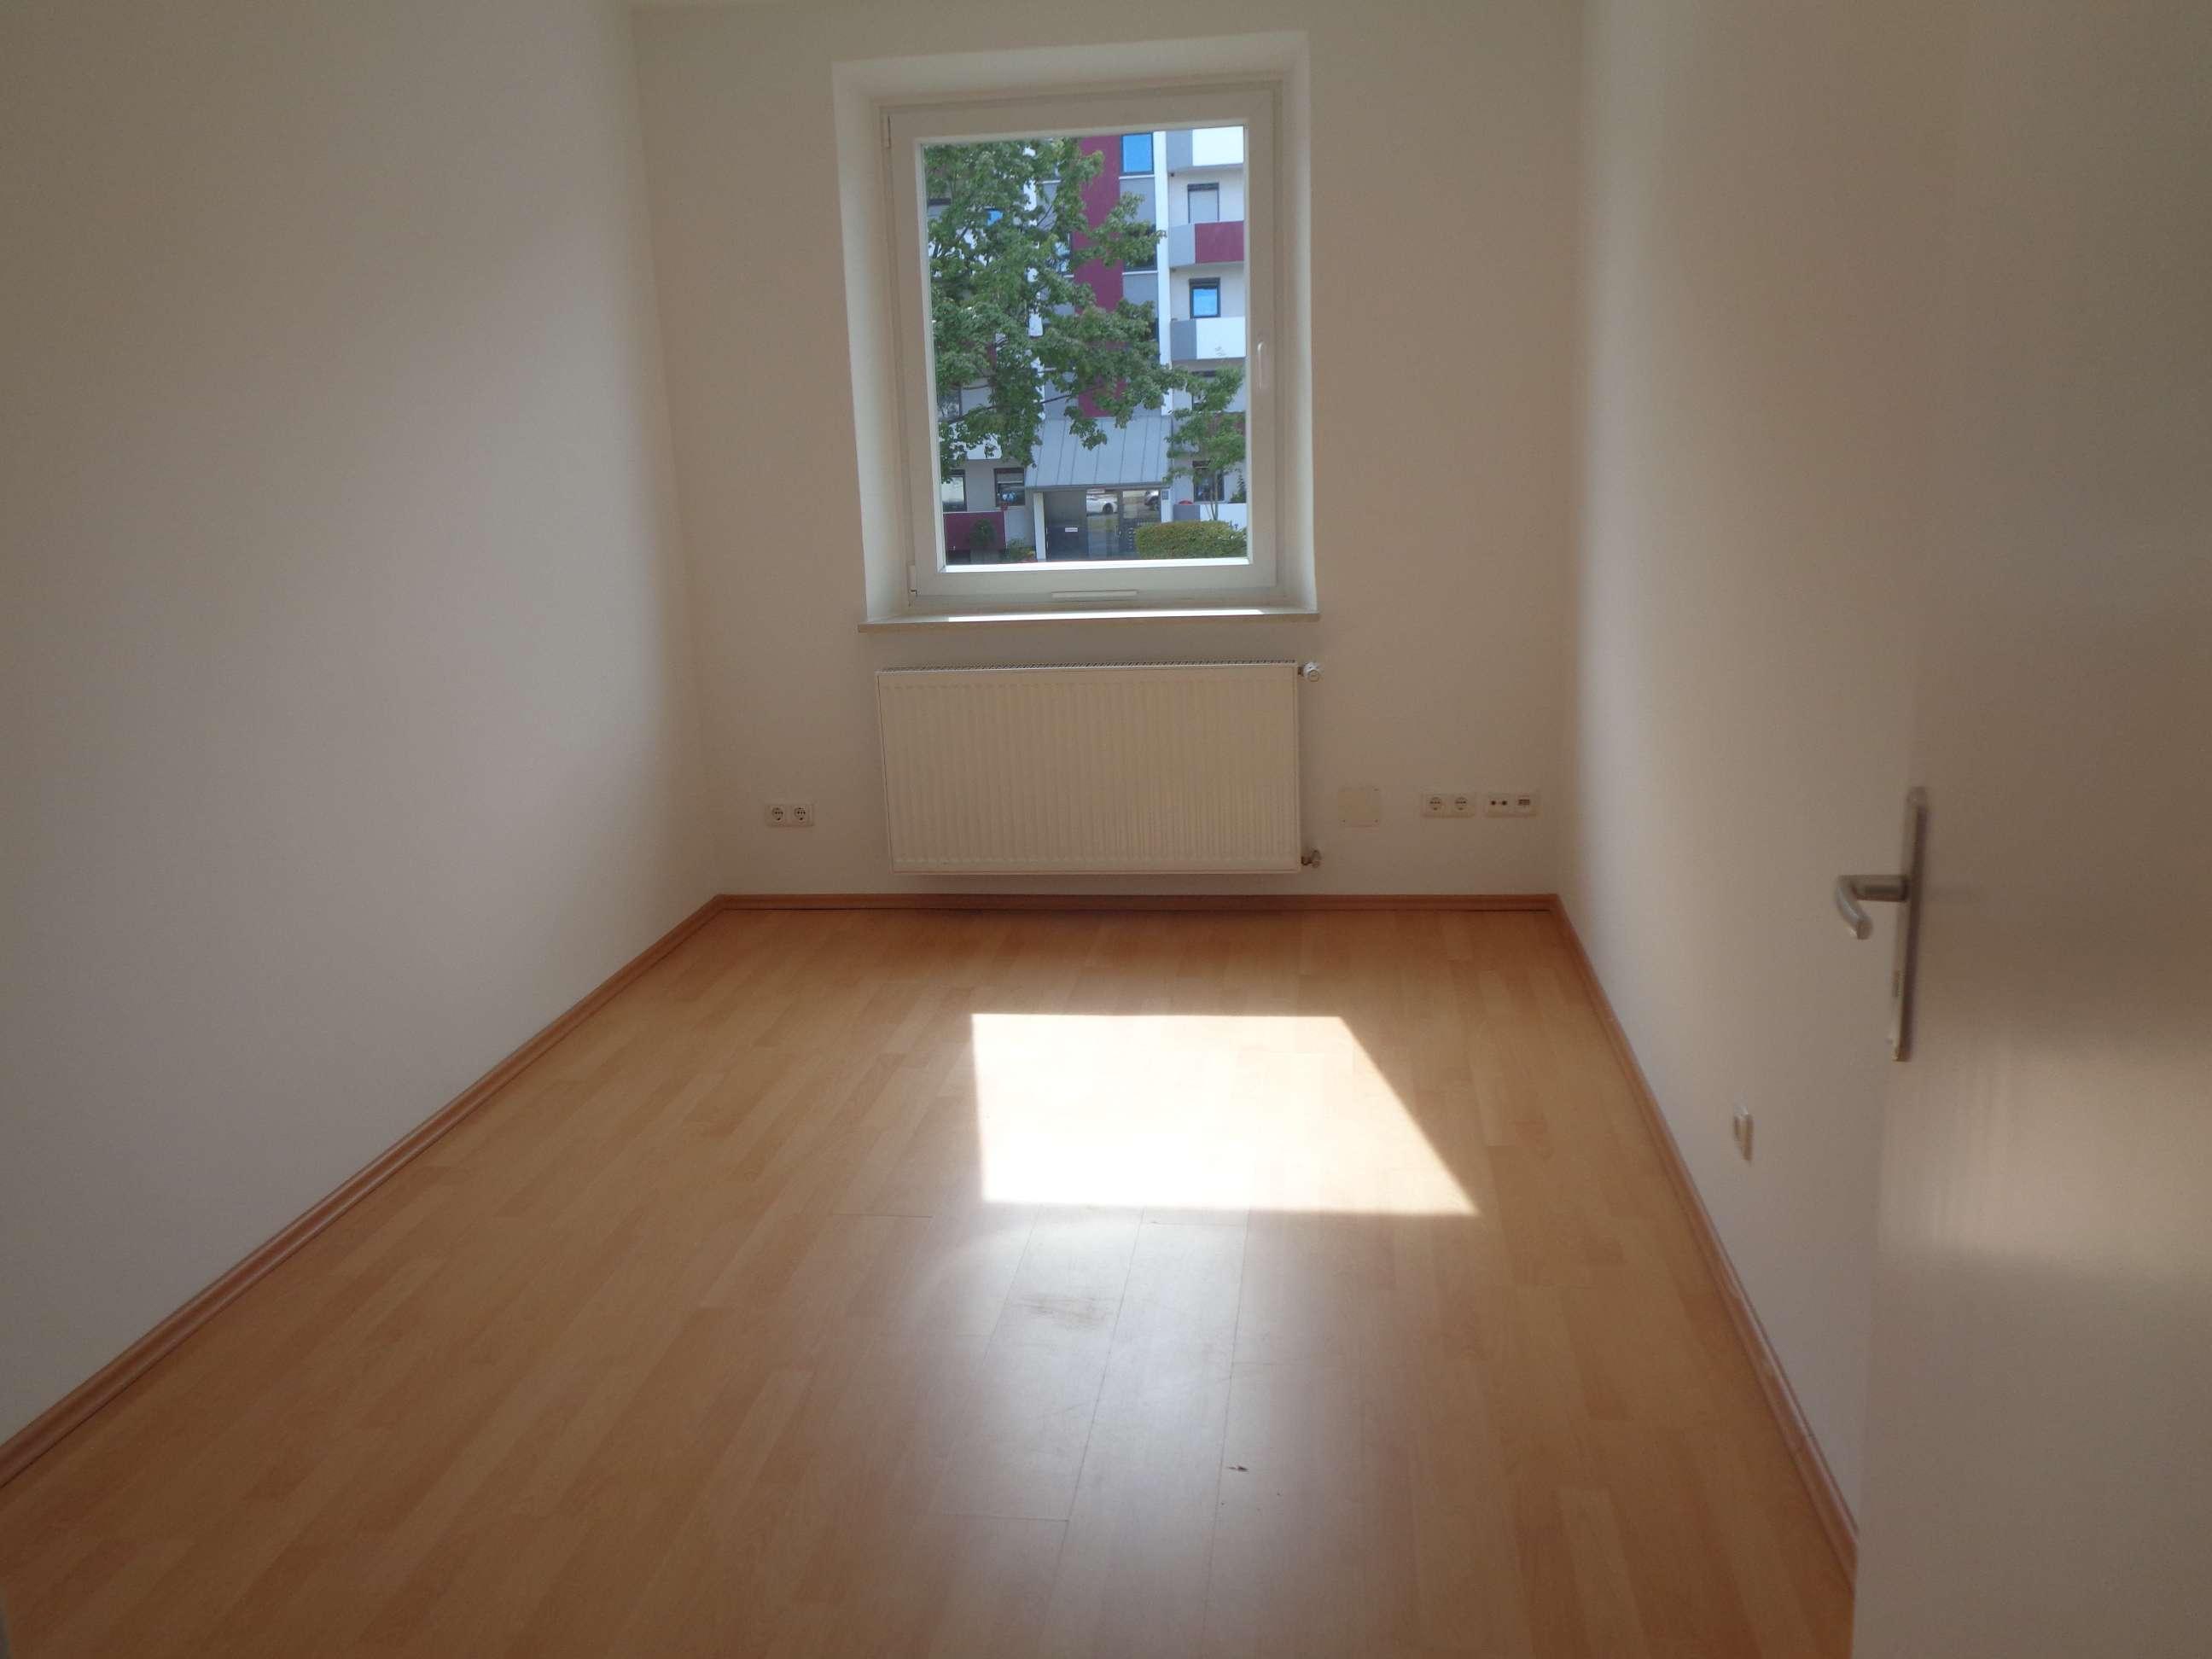 Schöne zwei Zimmer Wohnung in München bevorzugt an Gaswasserinstallateur m/w/d zu vermieten